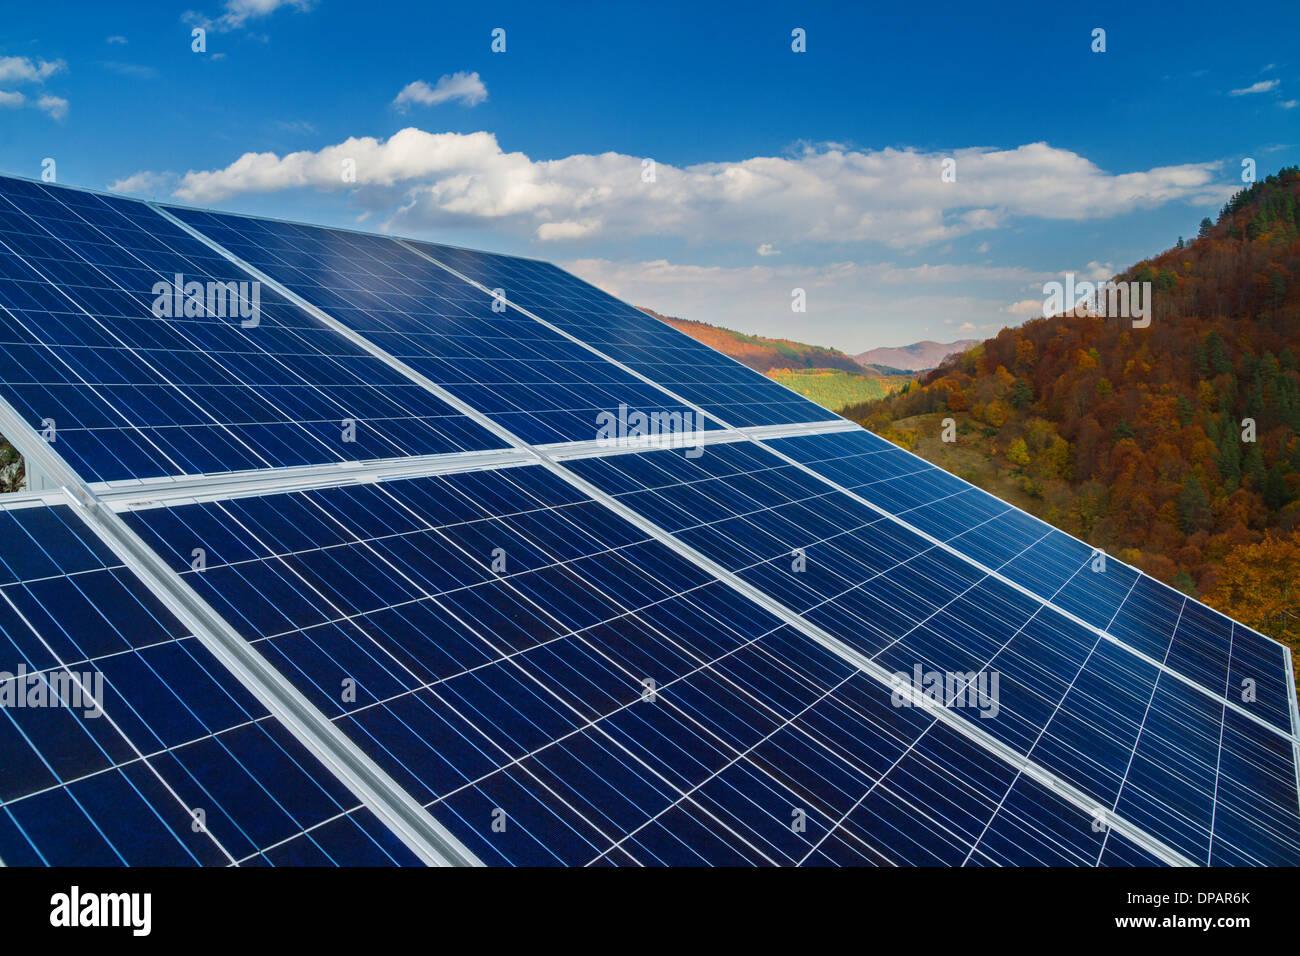 Instalación de paneles solares con el cielo azul Imagen De Stock